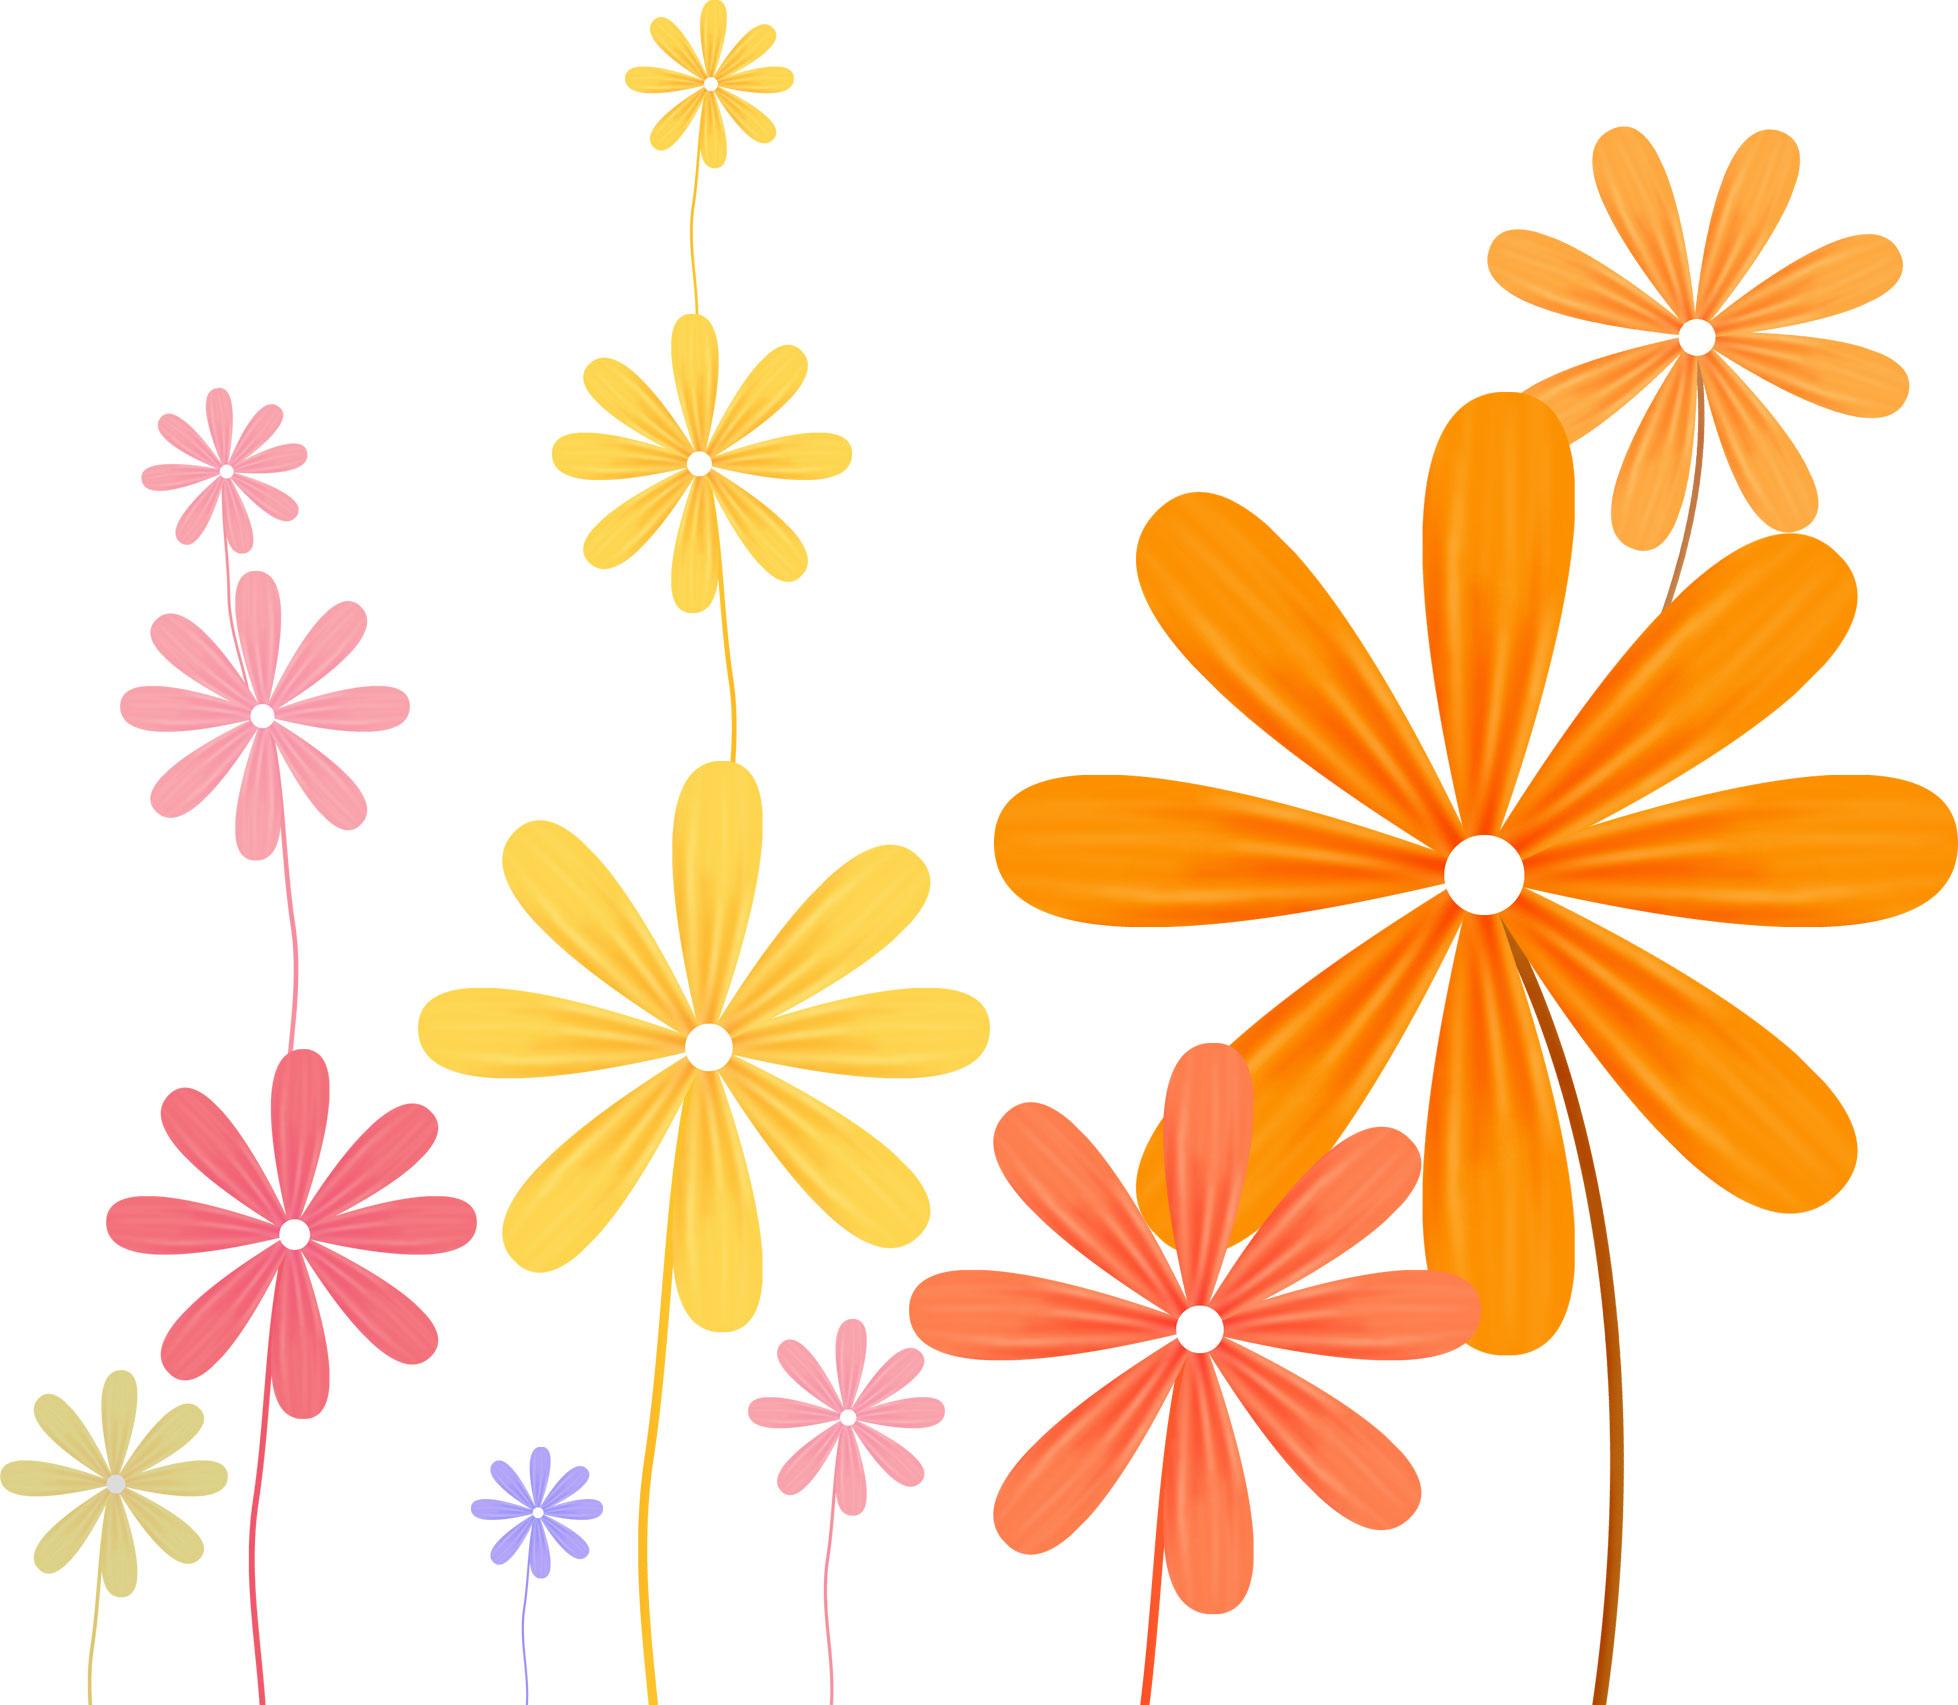 ポップでかわいい花のイラストフリー素材no005カラフル